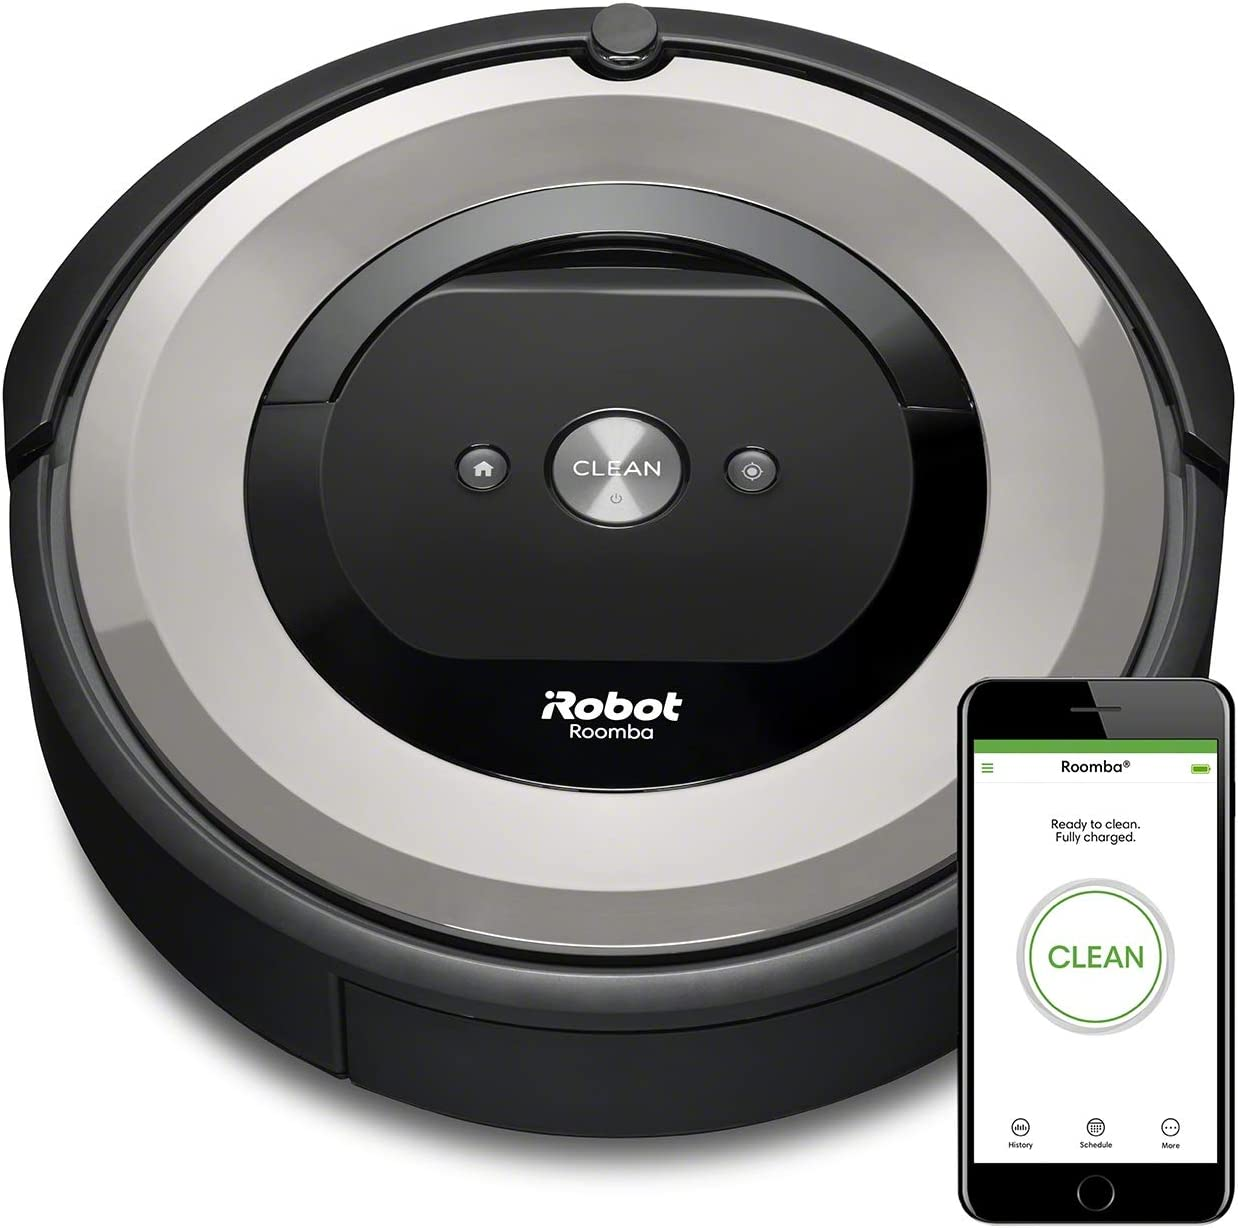 iRobot Roomba e5154 - Robot aspirador, aspiración alta potencia, 2 cepillos de goma, óptimo para alfombras y suelos duros, sugerencias personalizadas, compatible con asistentes de voz: Amazon.es: Hogar